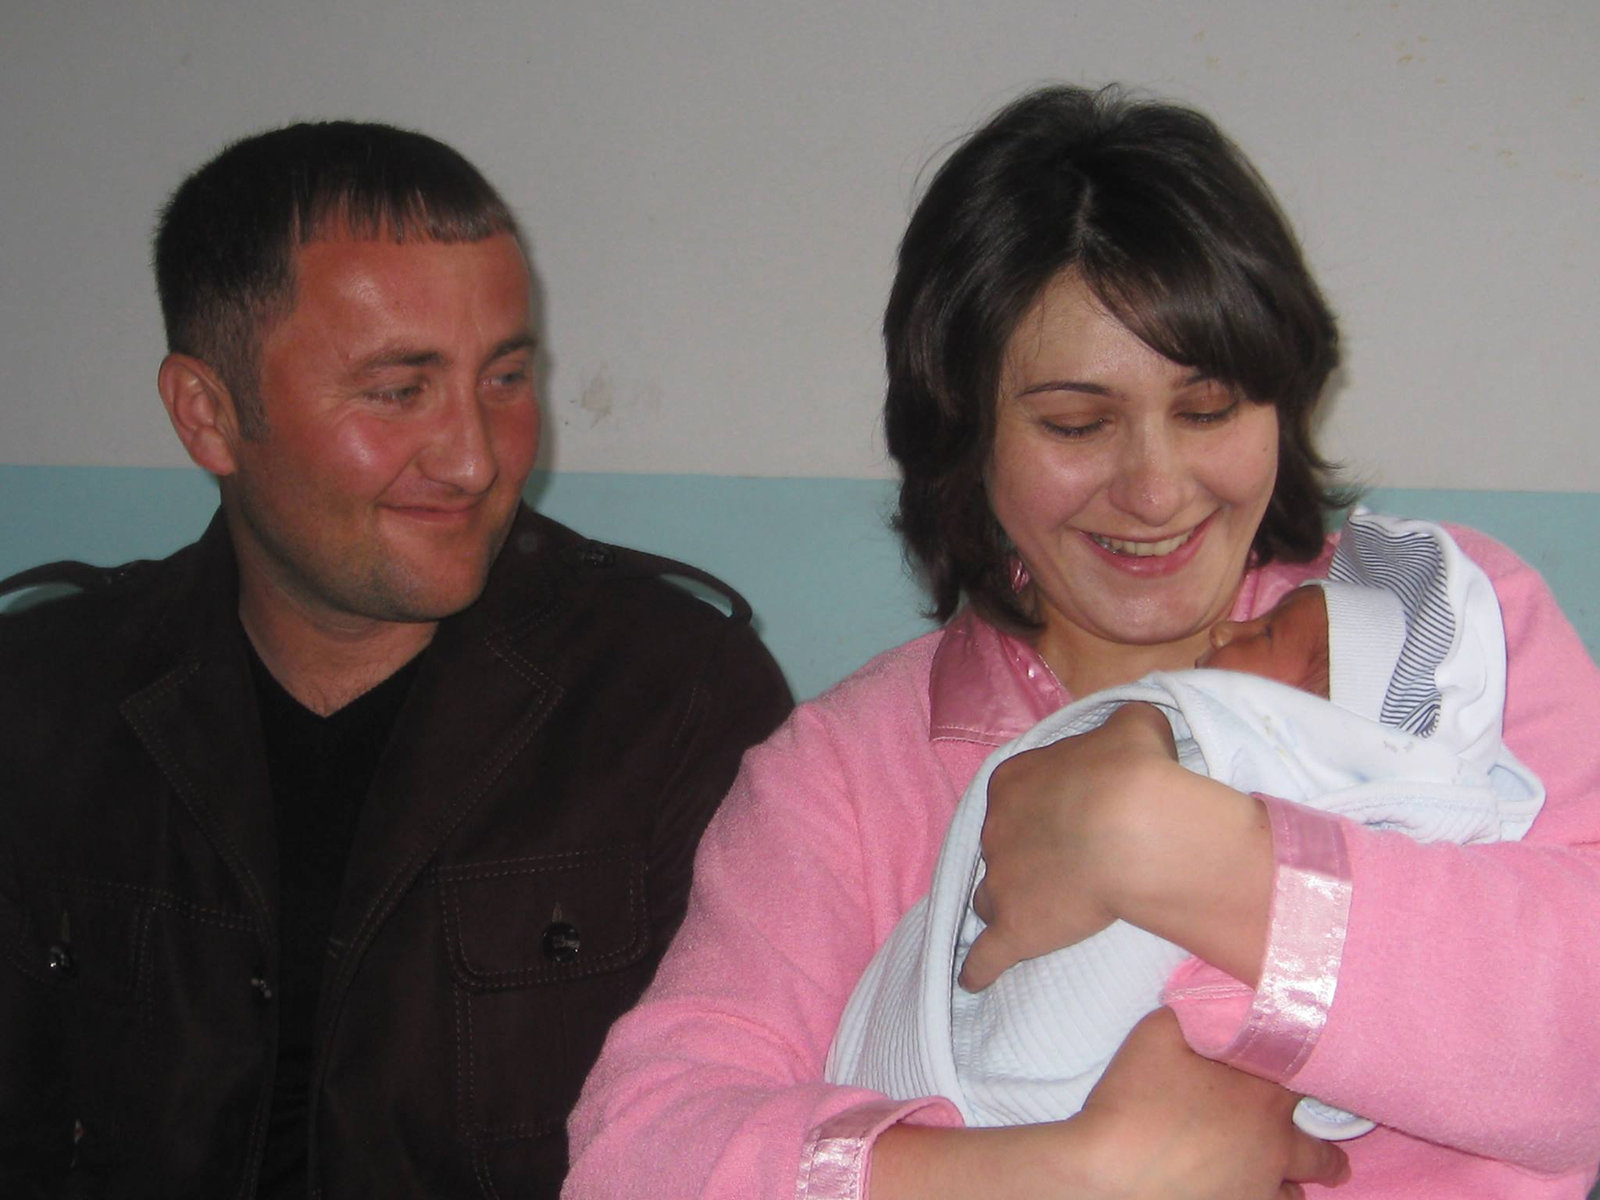 Новорожденный Тигран, которого назвали в честь Тиграна Абгаряна из Гюмри, погибшего в Джабраиле